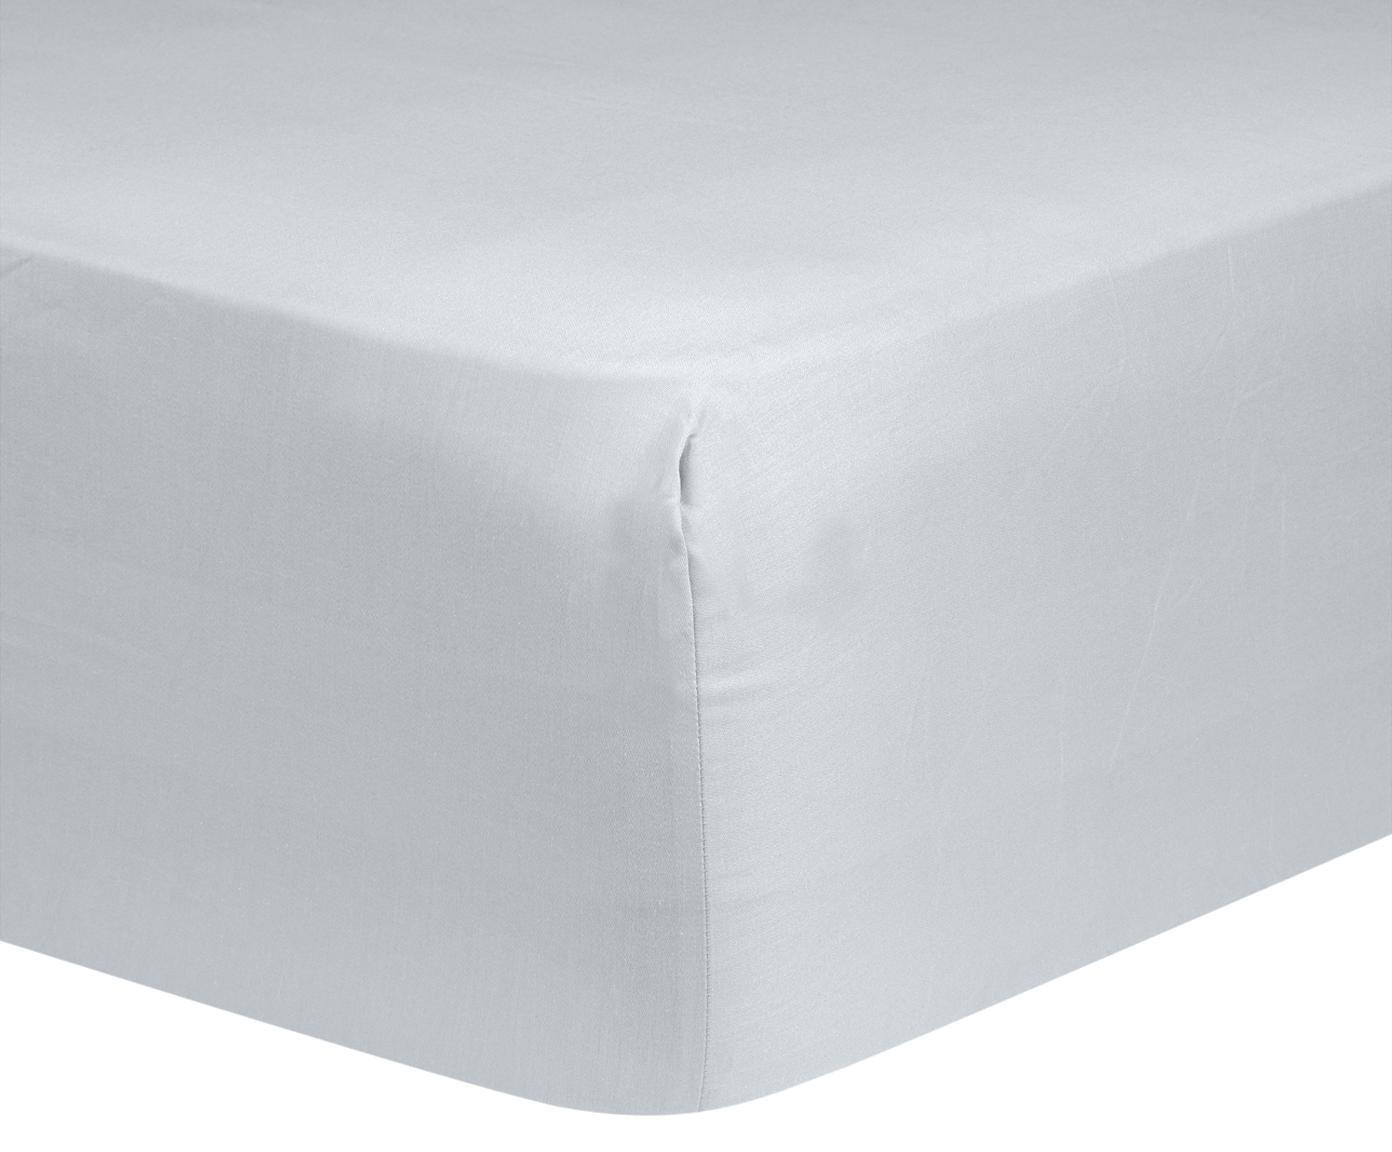 Boxspring hoeslaken Comfort, katoensatijn, Weeftechniek: satijn, licht glanzend, Lichtgrijs, 180 x 200 cm